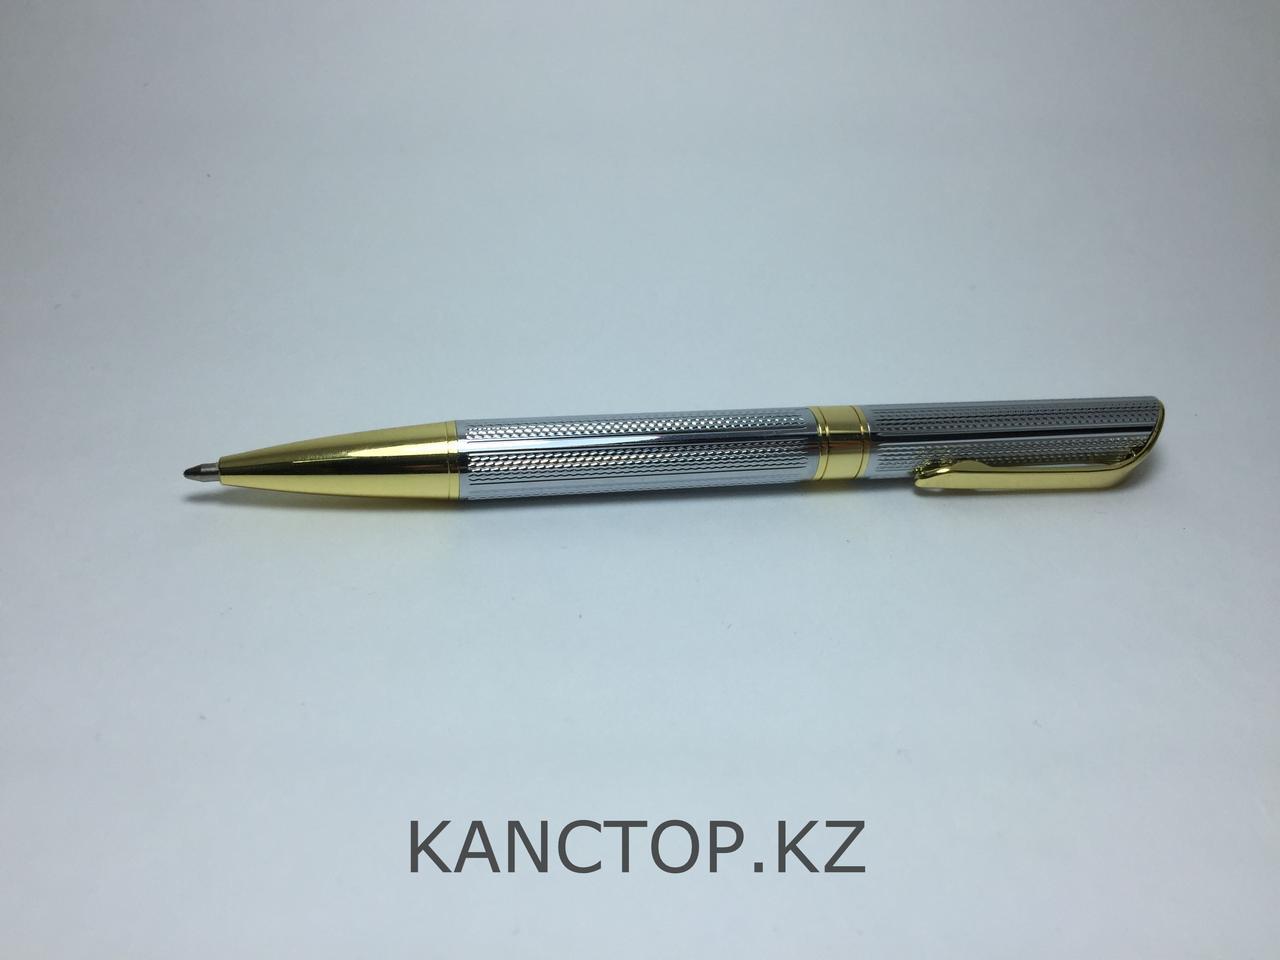 Ручка шариковая подарочная серебристая с золотыми элементами